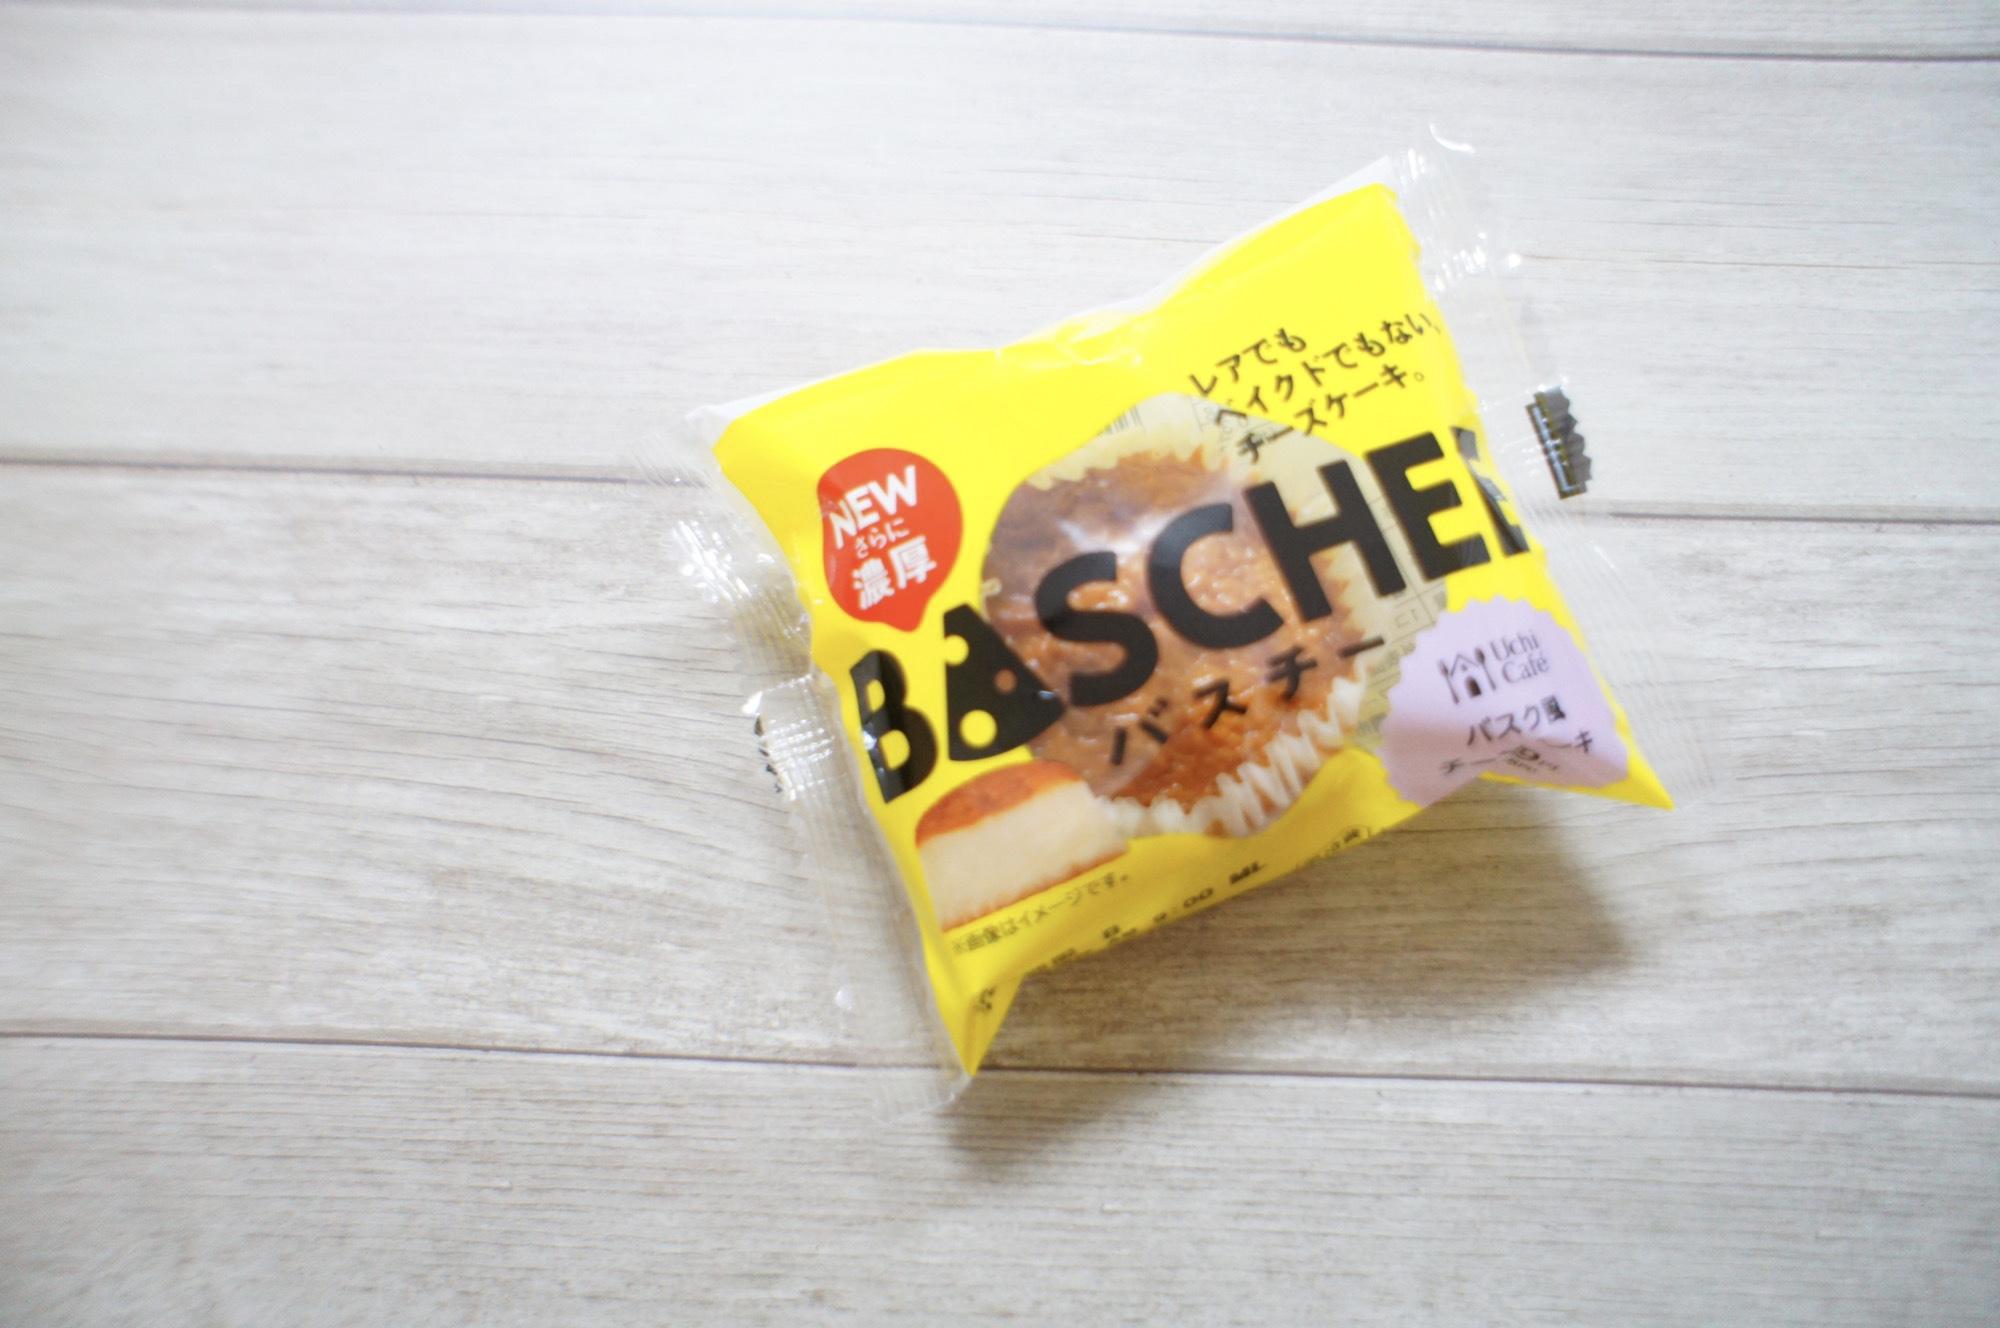 《ローソン》が大人気❤️スイーツ【BASCHEE(バスチー)】を初リニューアル☻どこが変わったか食べてみた!_1